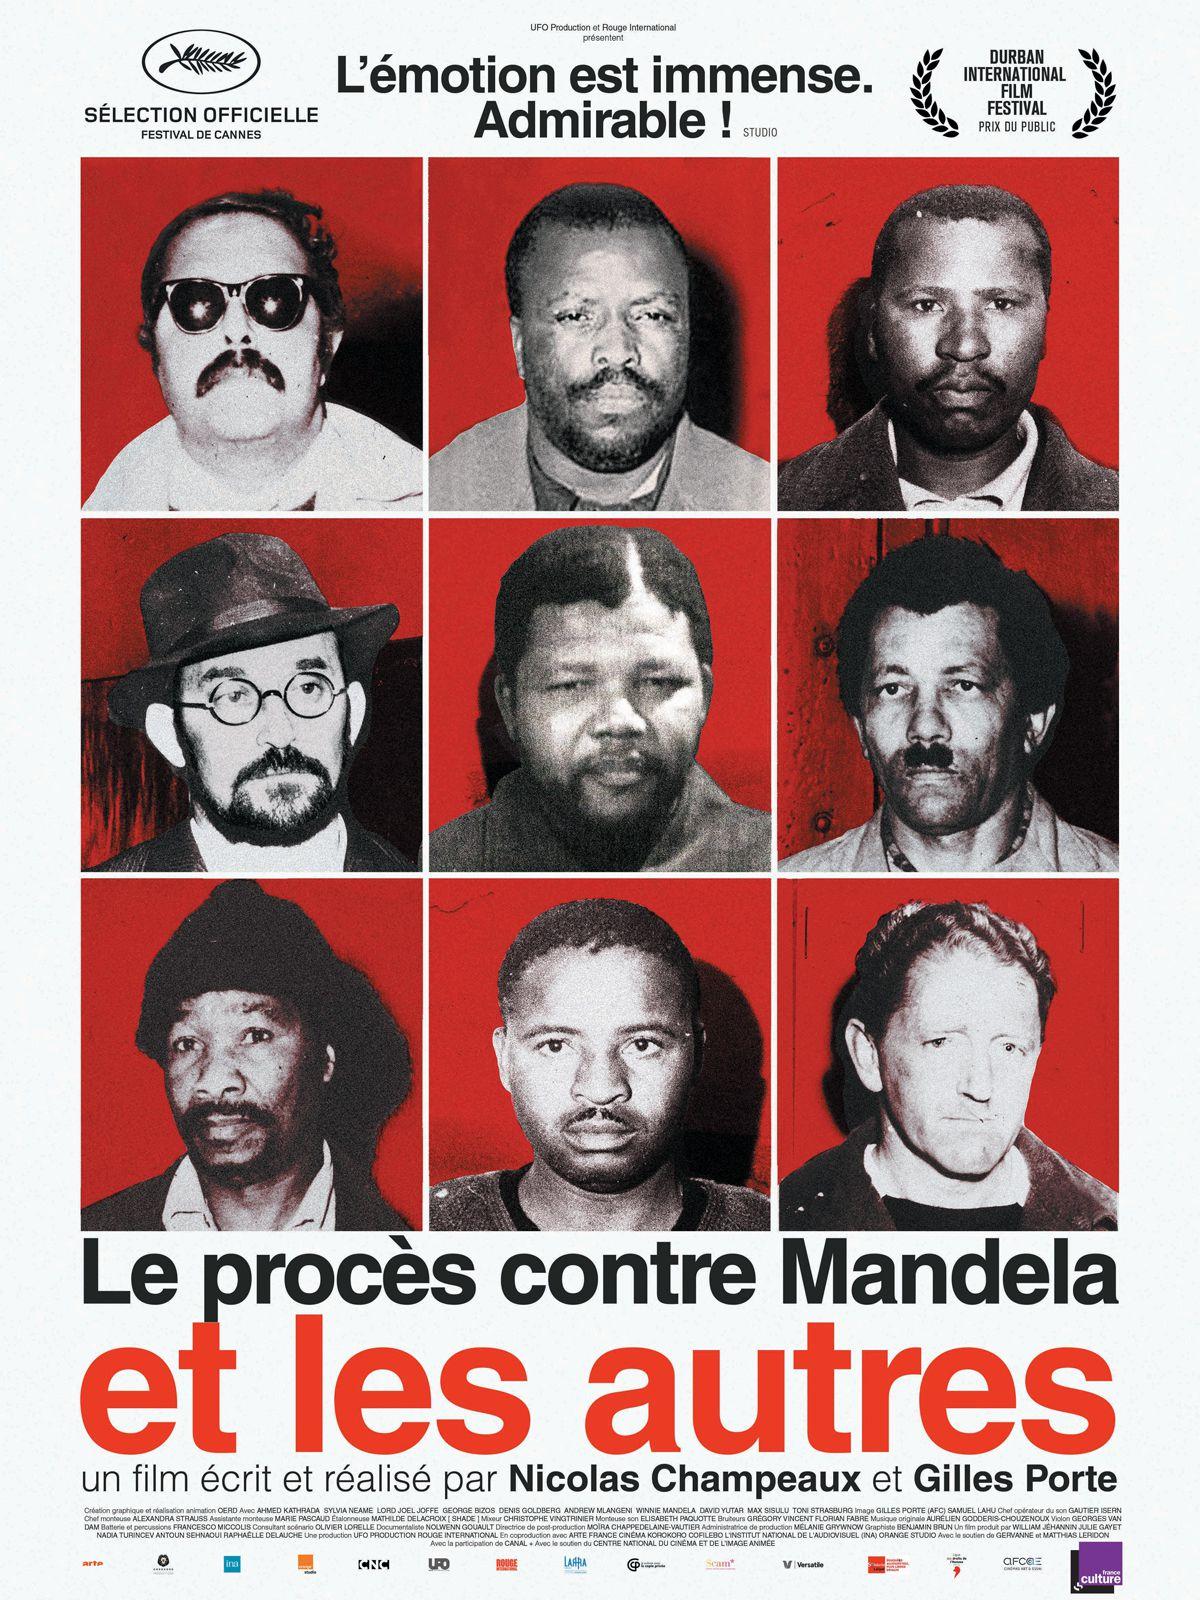 Le procès contre Mandela et les autres - Documentaire (2018)